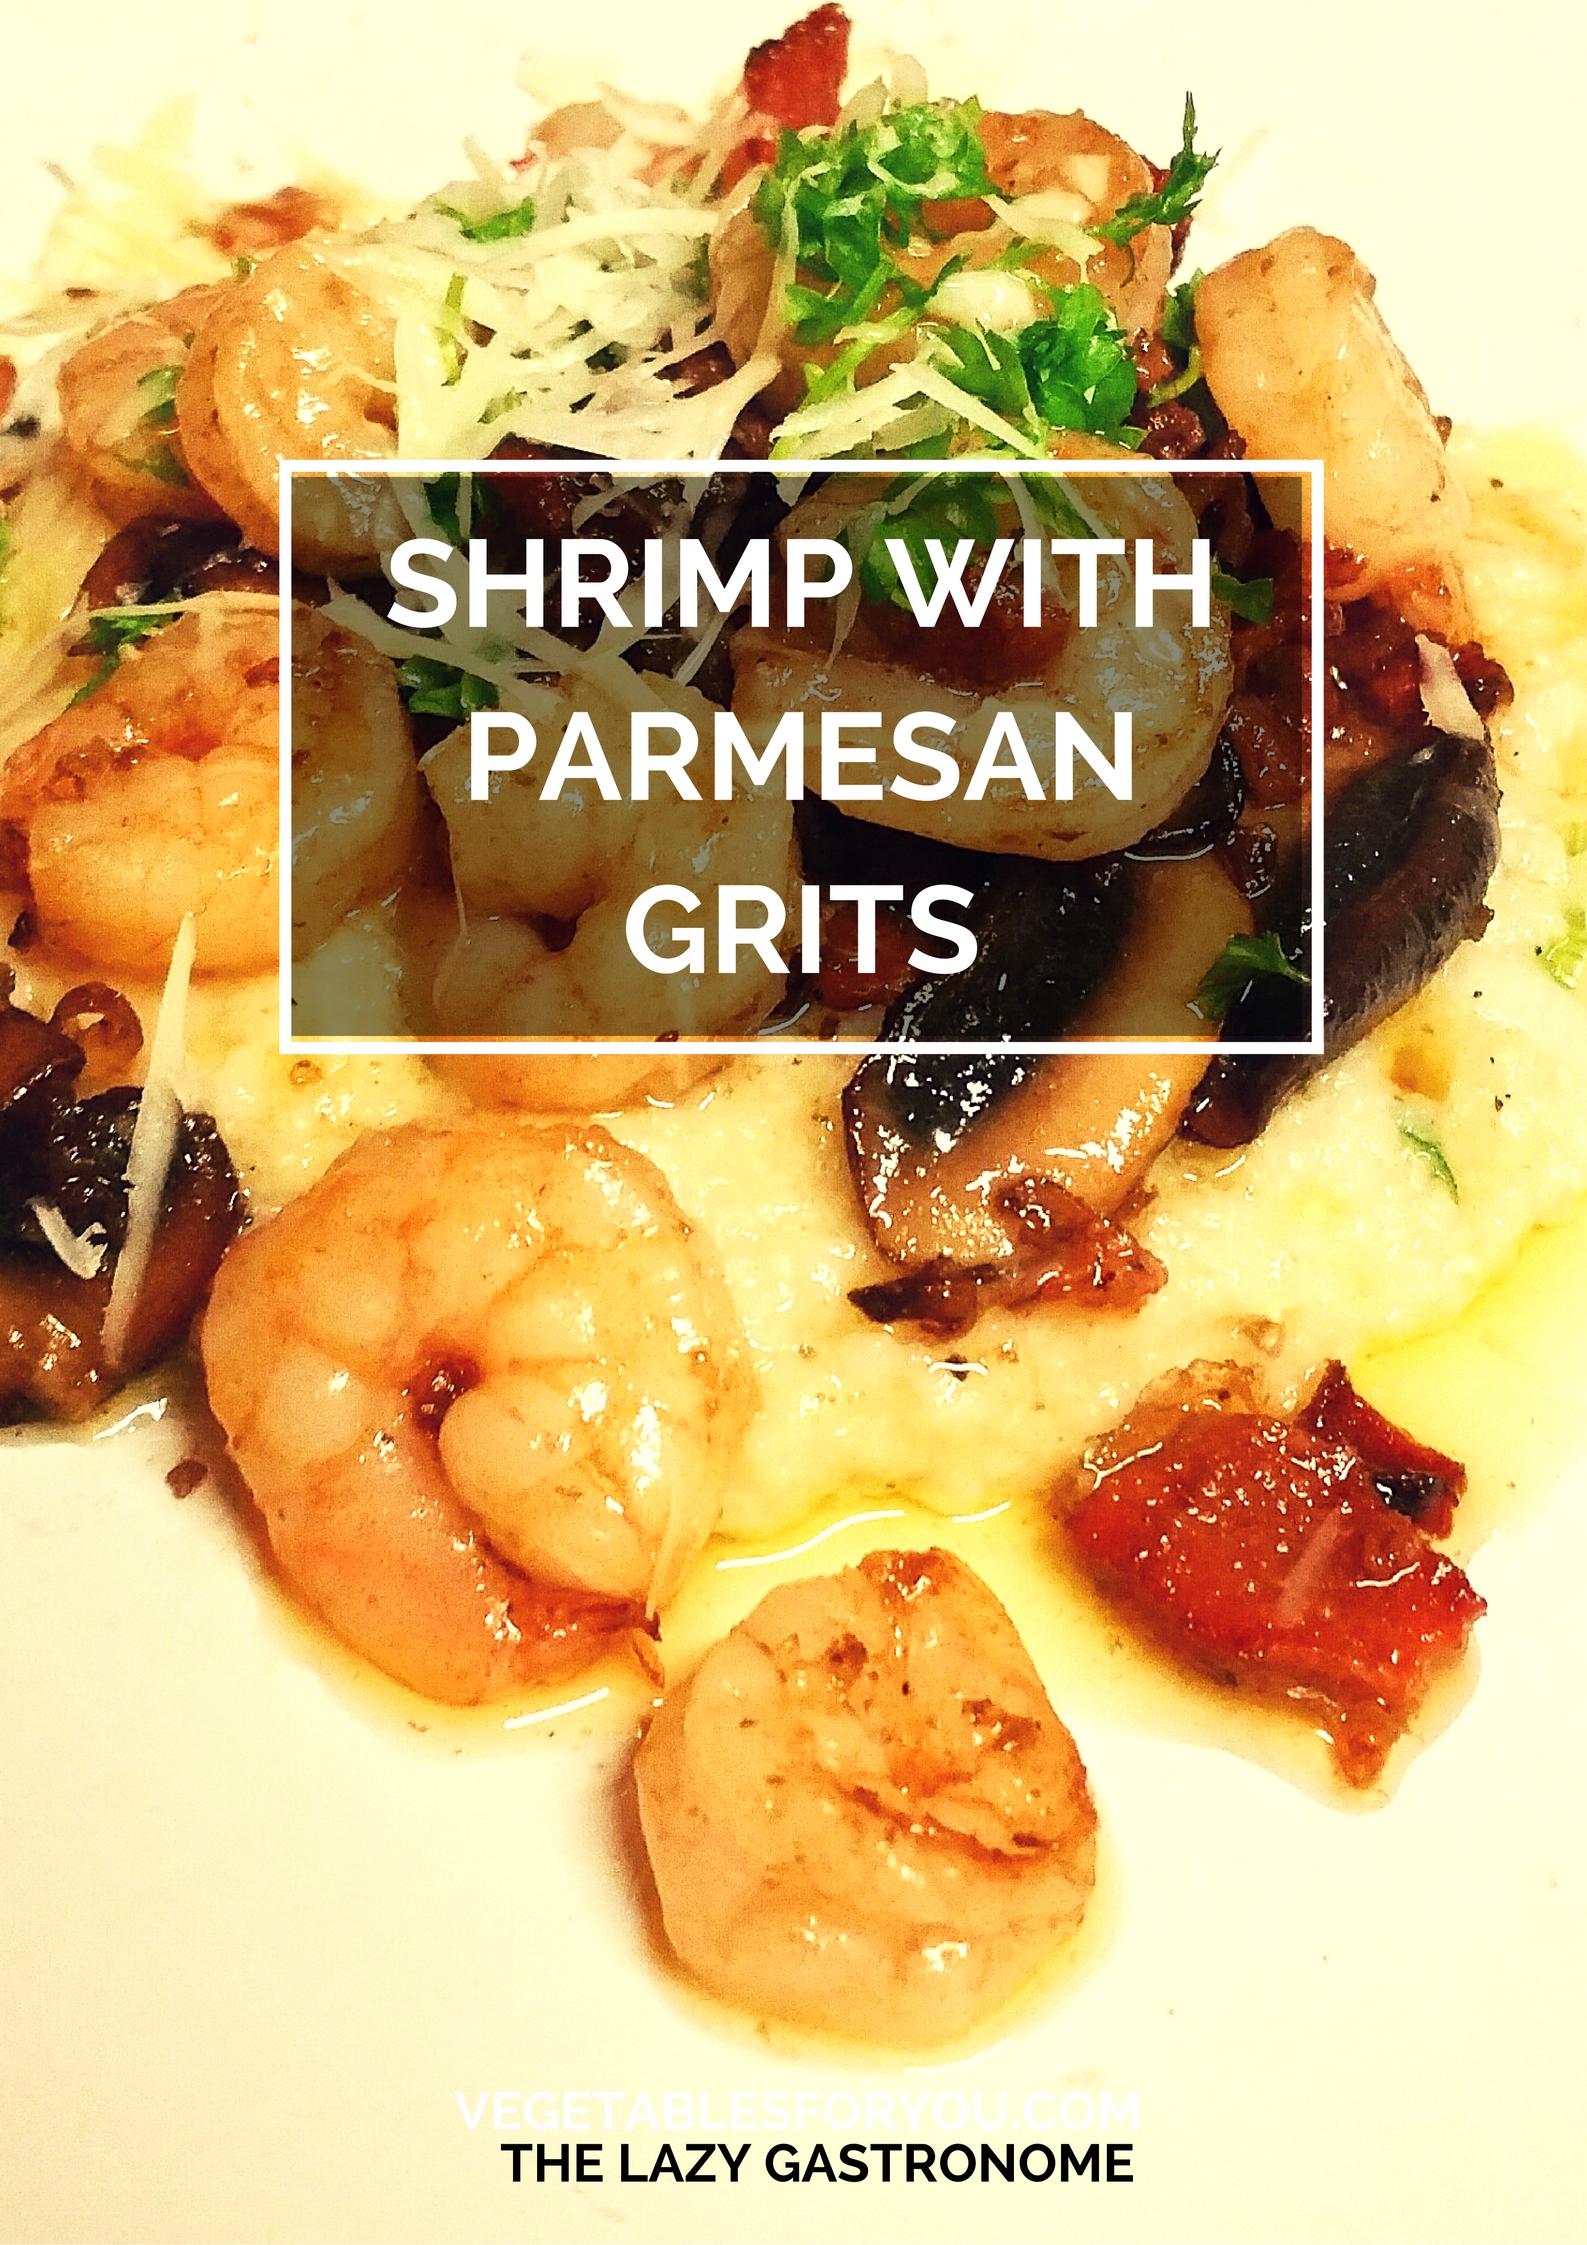 Shrimp & Parmesan Grits